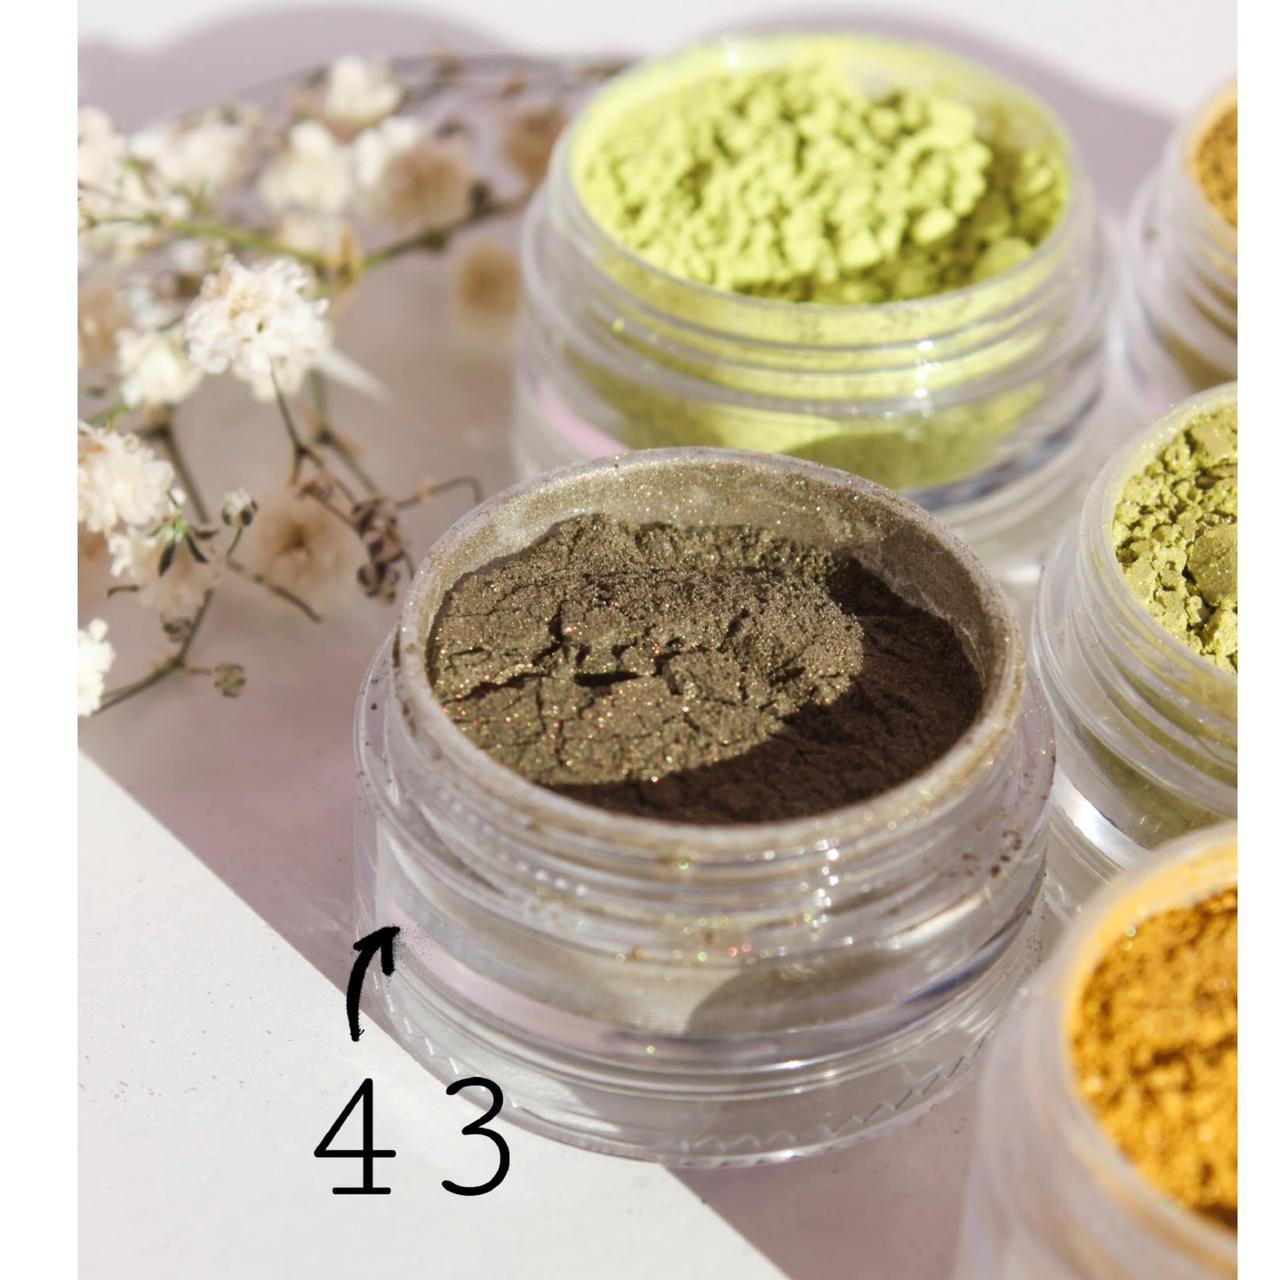 Тени для век  Старинное золото(43 тон) 5 мл - рассыпчатые из природных минералов, в палитре 54 оттенка!